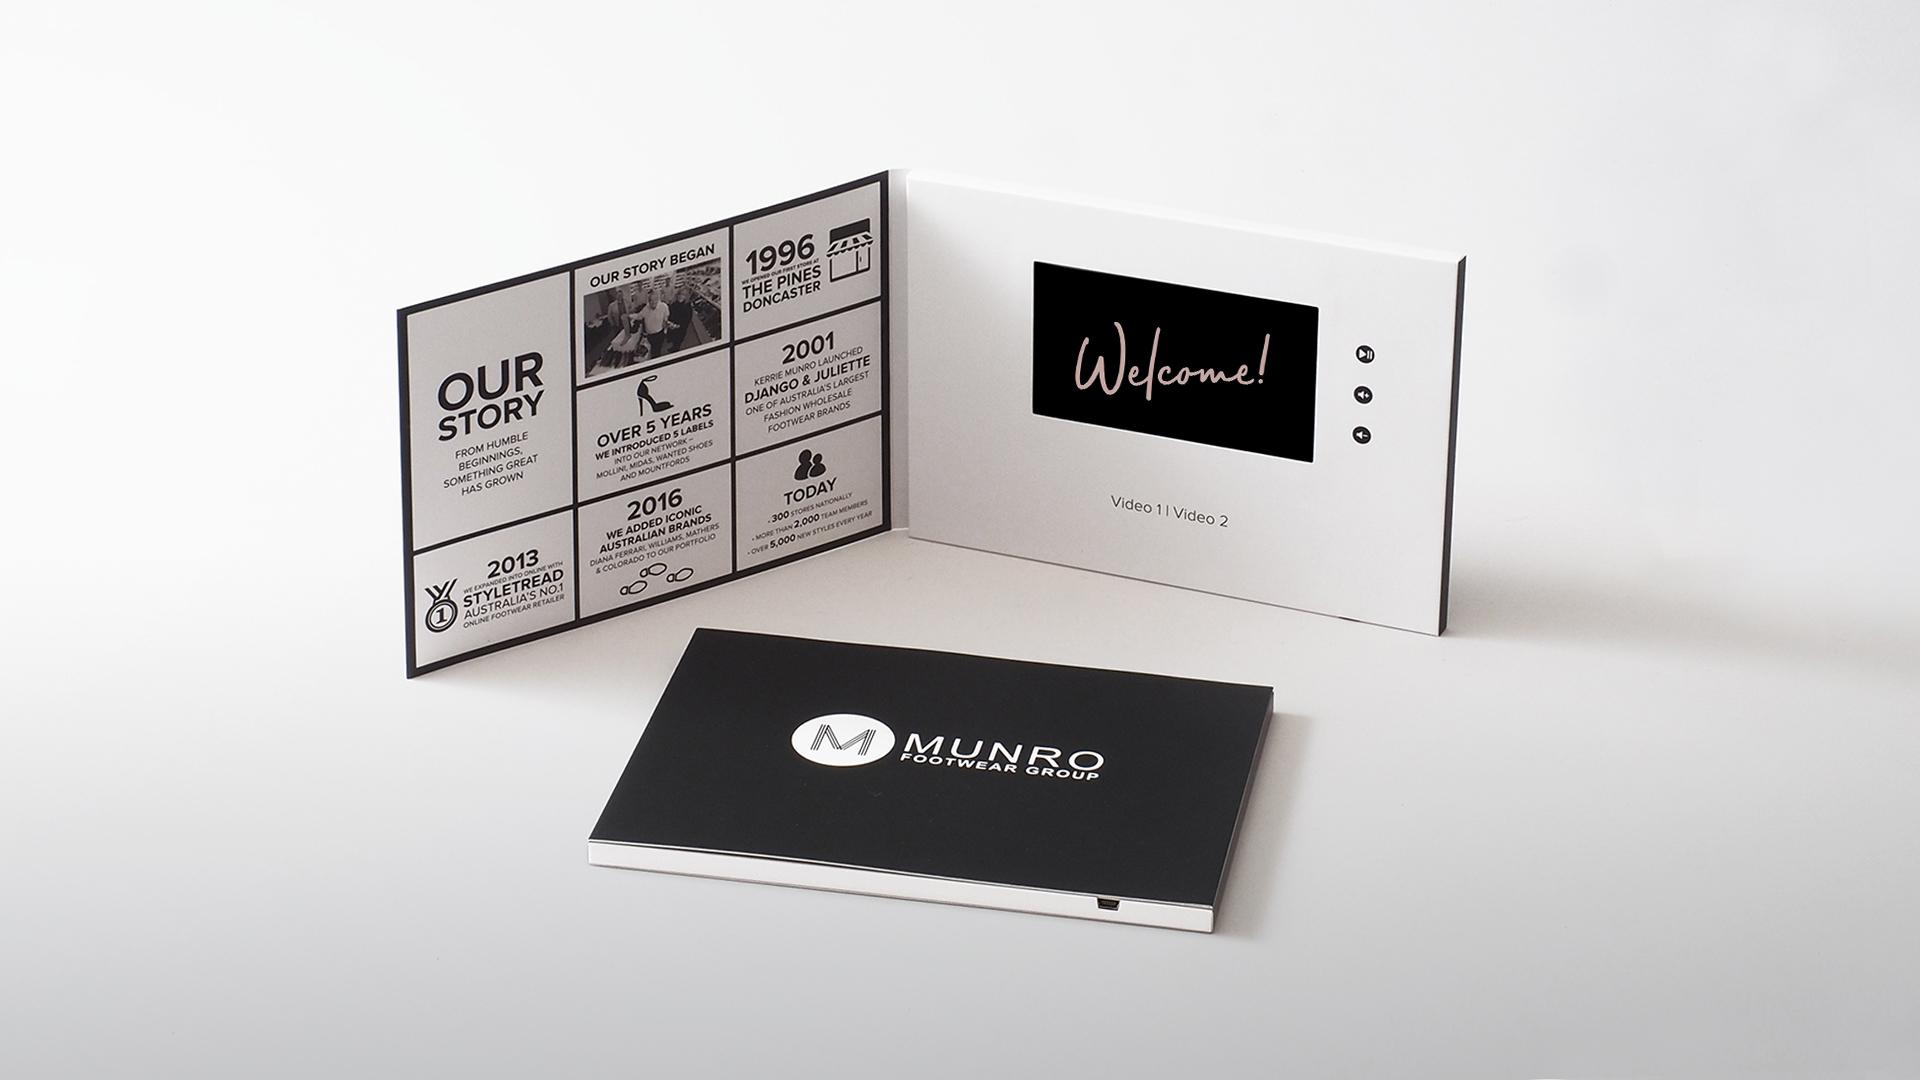 Munro Footwear Group